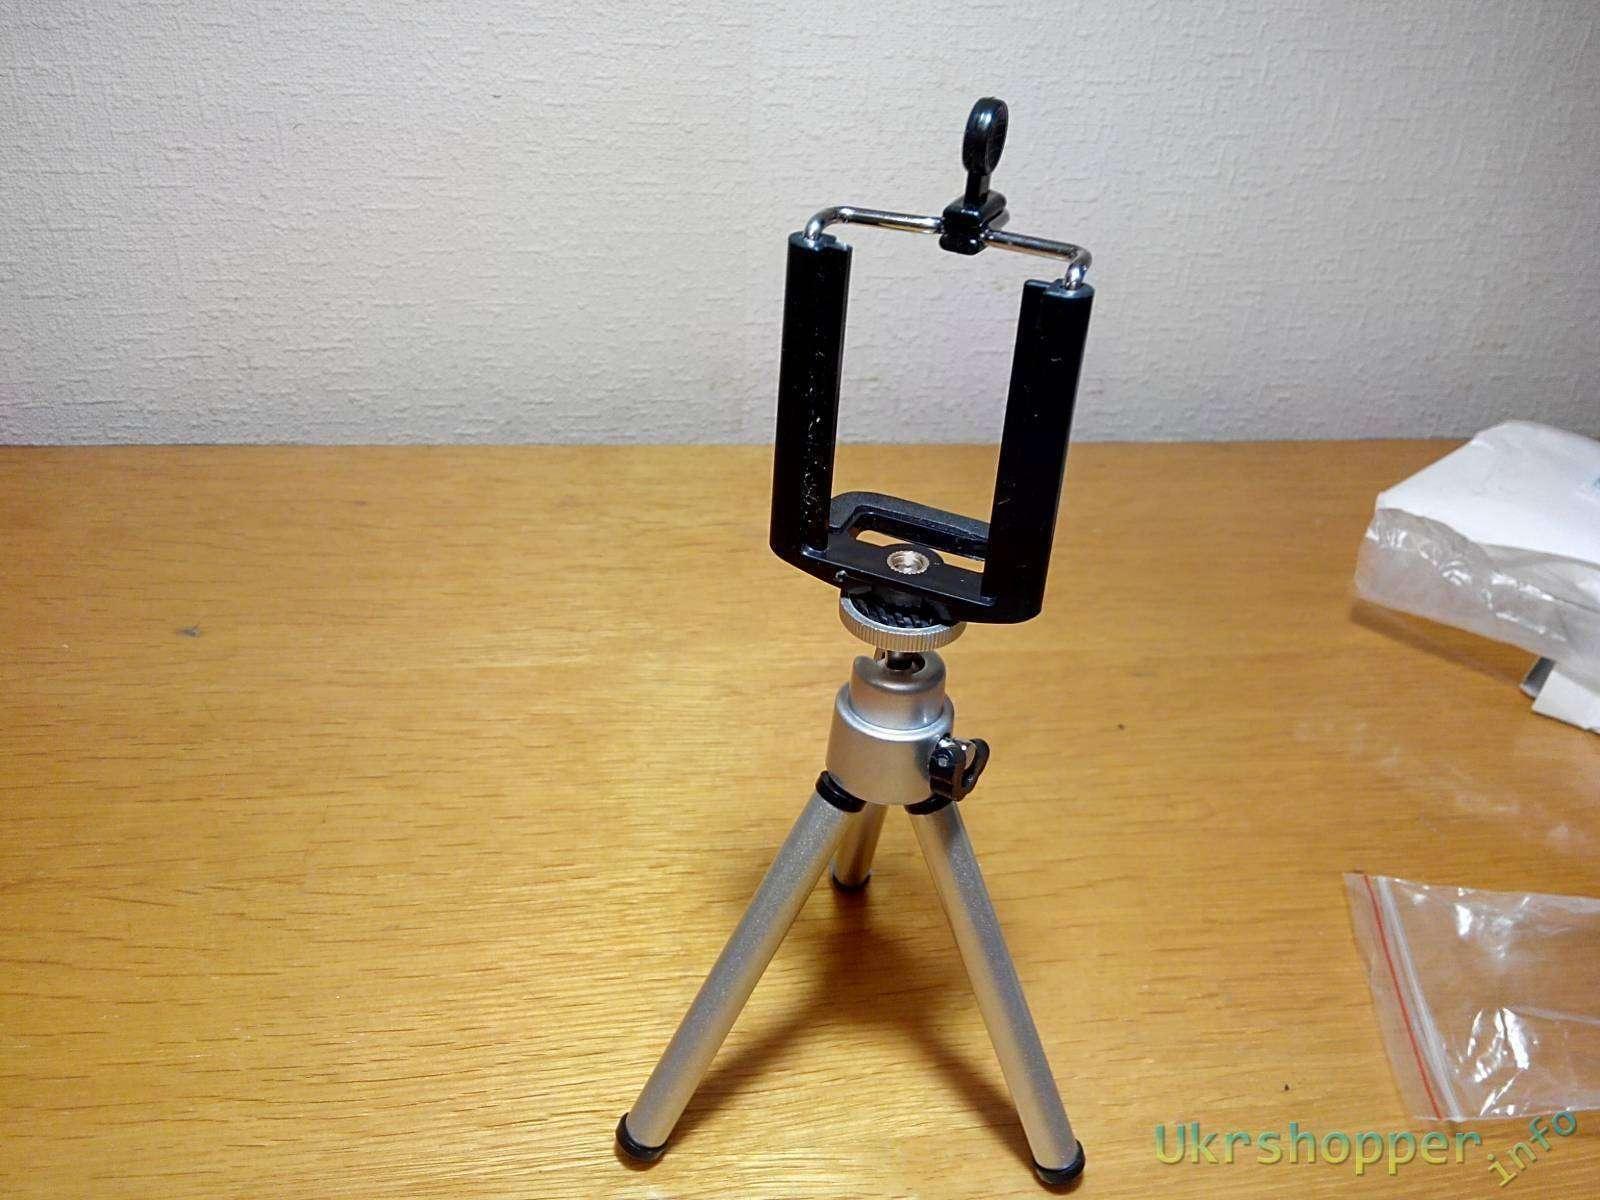 Ebay: Мини-штатив для фотоаппарата с держателем под смартфон (триножка)